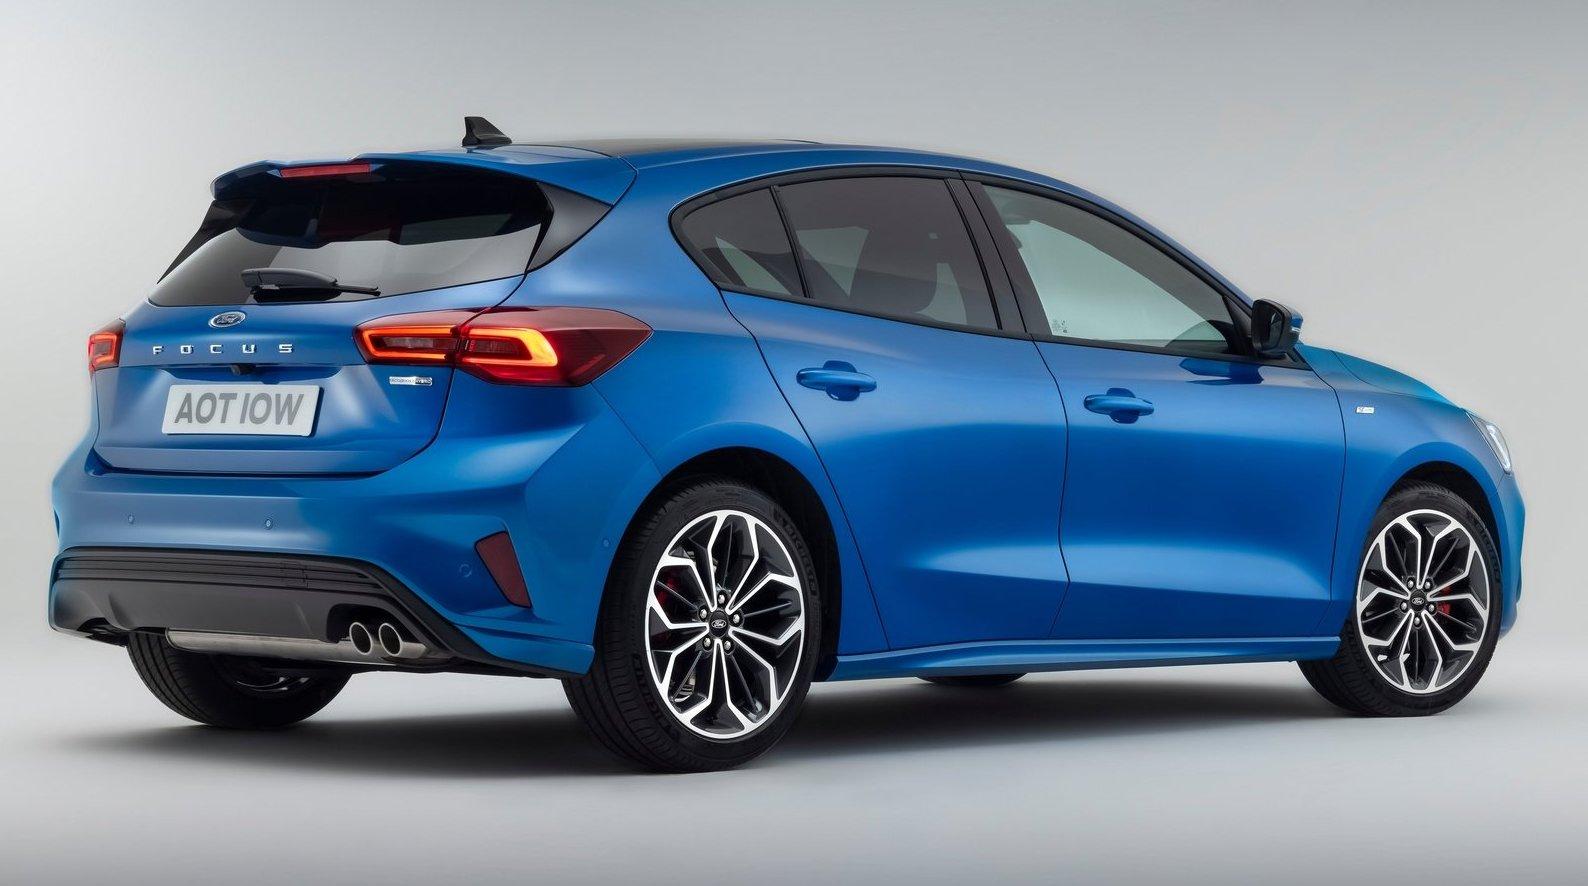 Ford-Focus-2022-1600-05.jpg